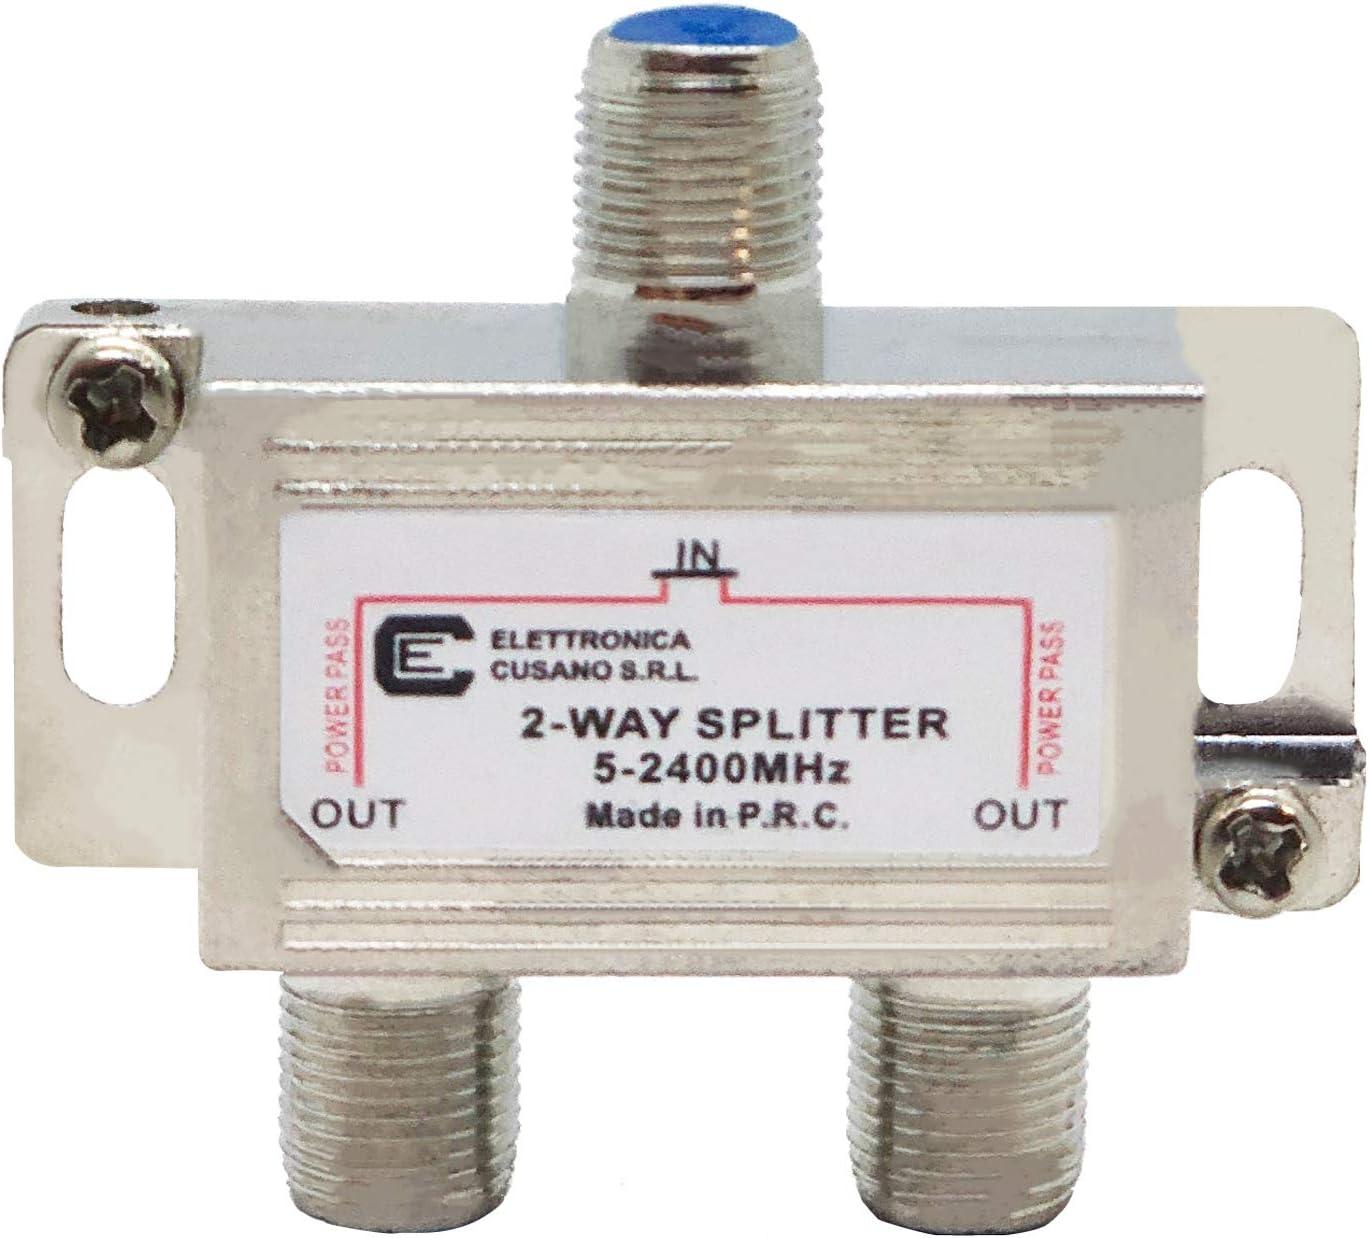 6233 – Splitter/Distribuidor de 2 Vías de Interior con Conector EFFE para TV/Satélite